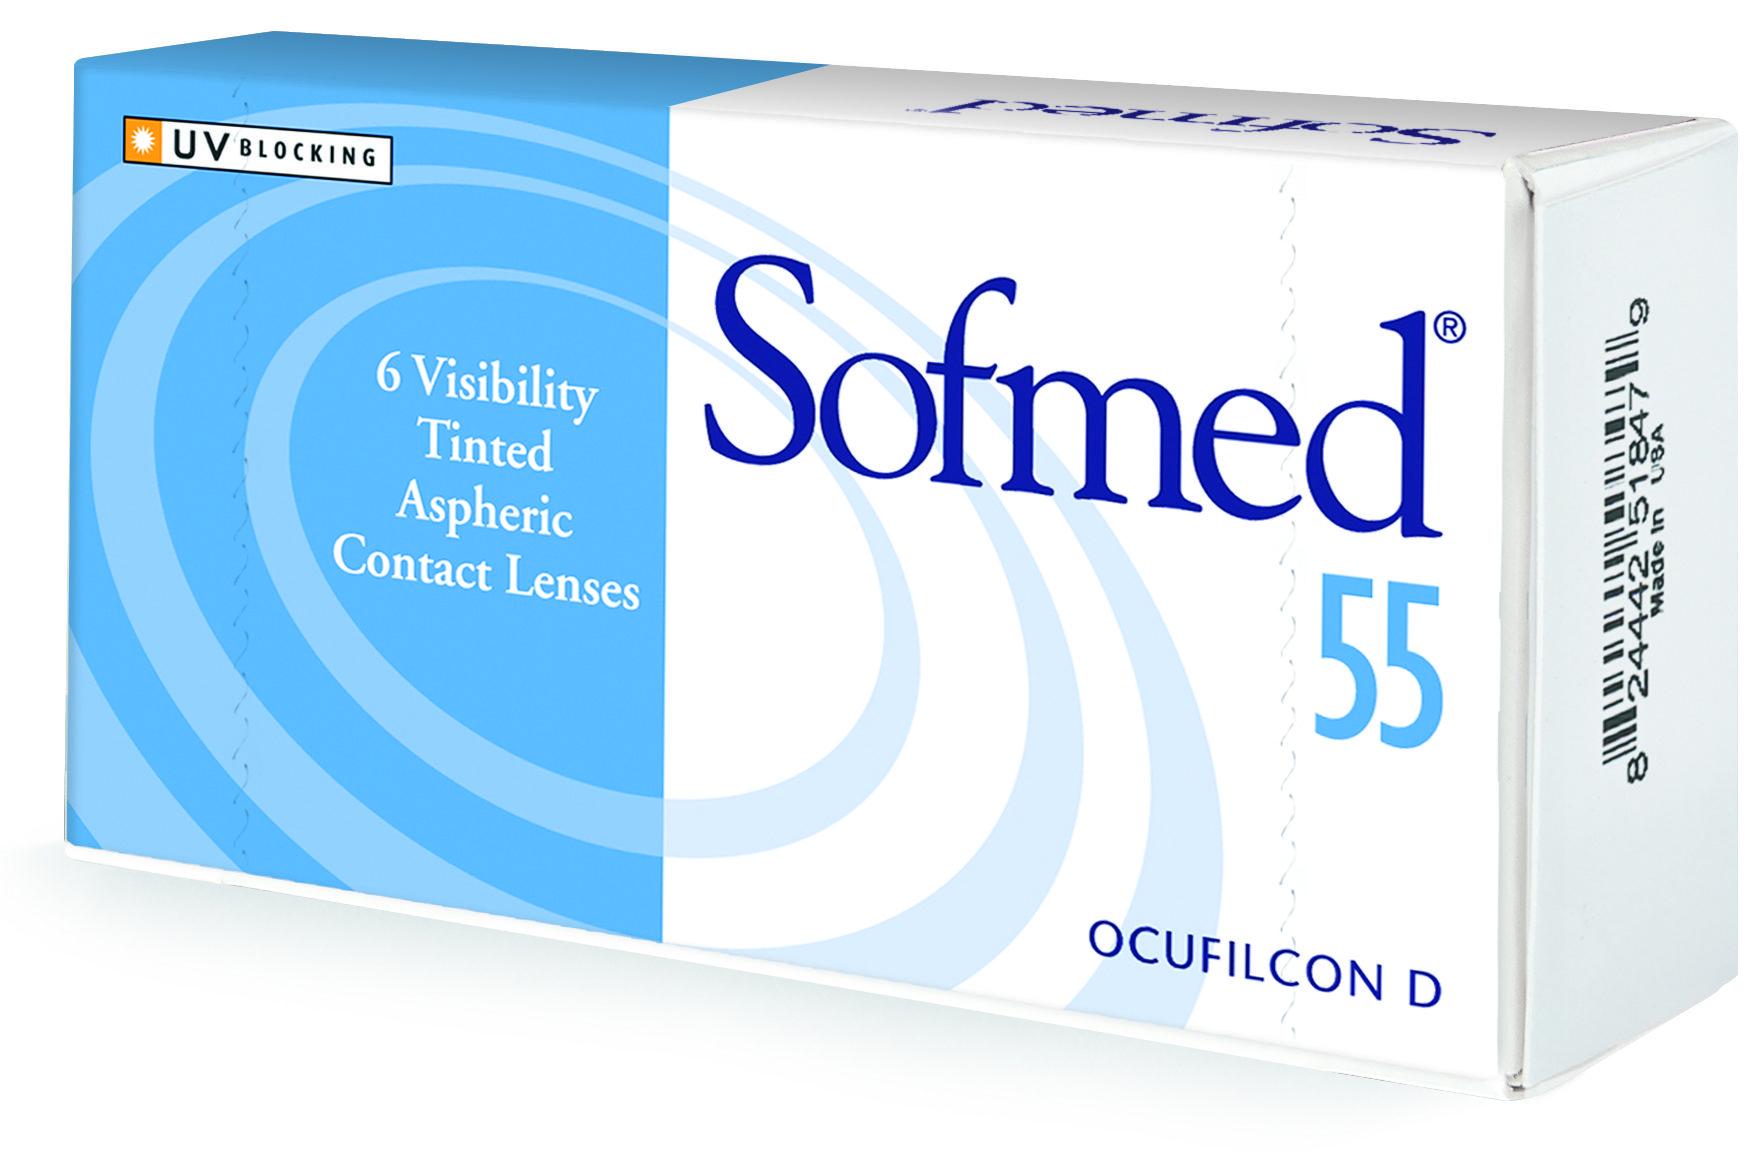 Sofmed 55 Contact Lens box